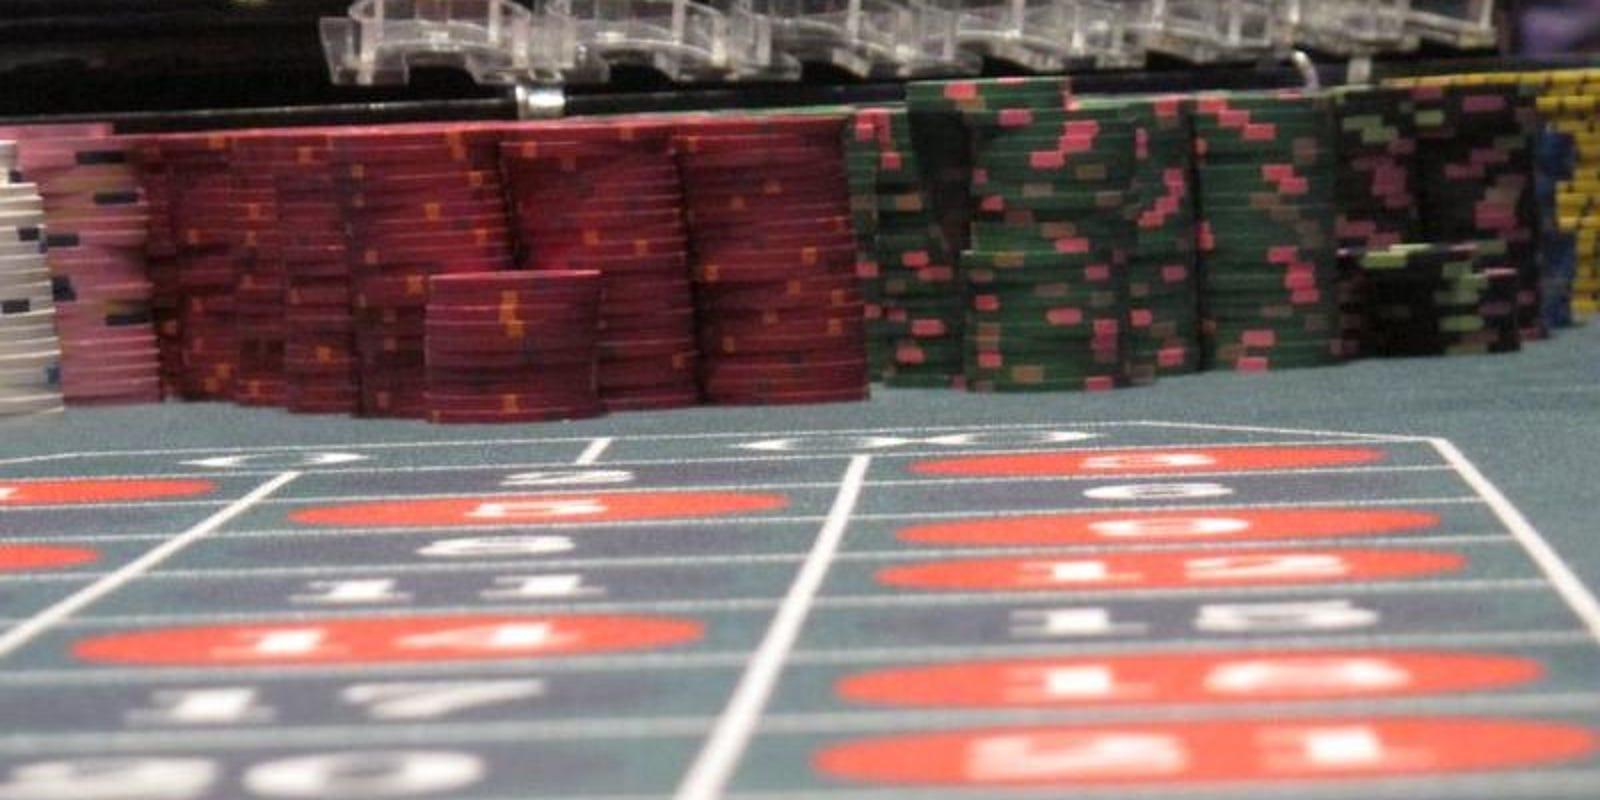 Tribe mengumumkan 'target pembukaan kembali' 1 Juni untuk Pechanga Resort Casino